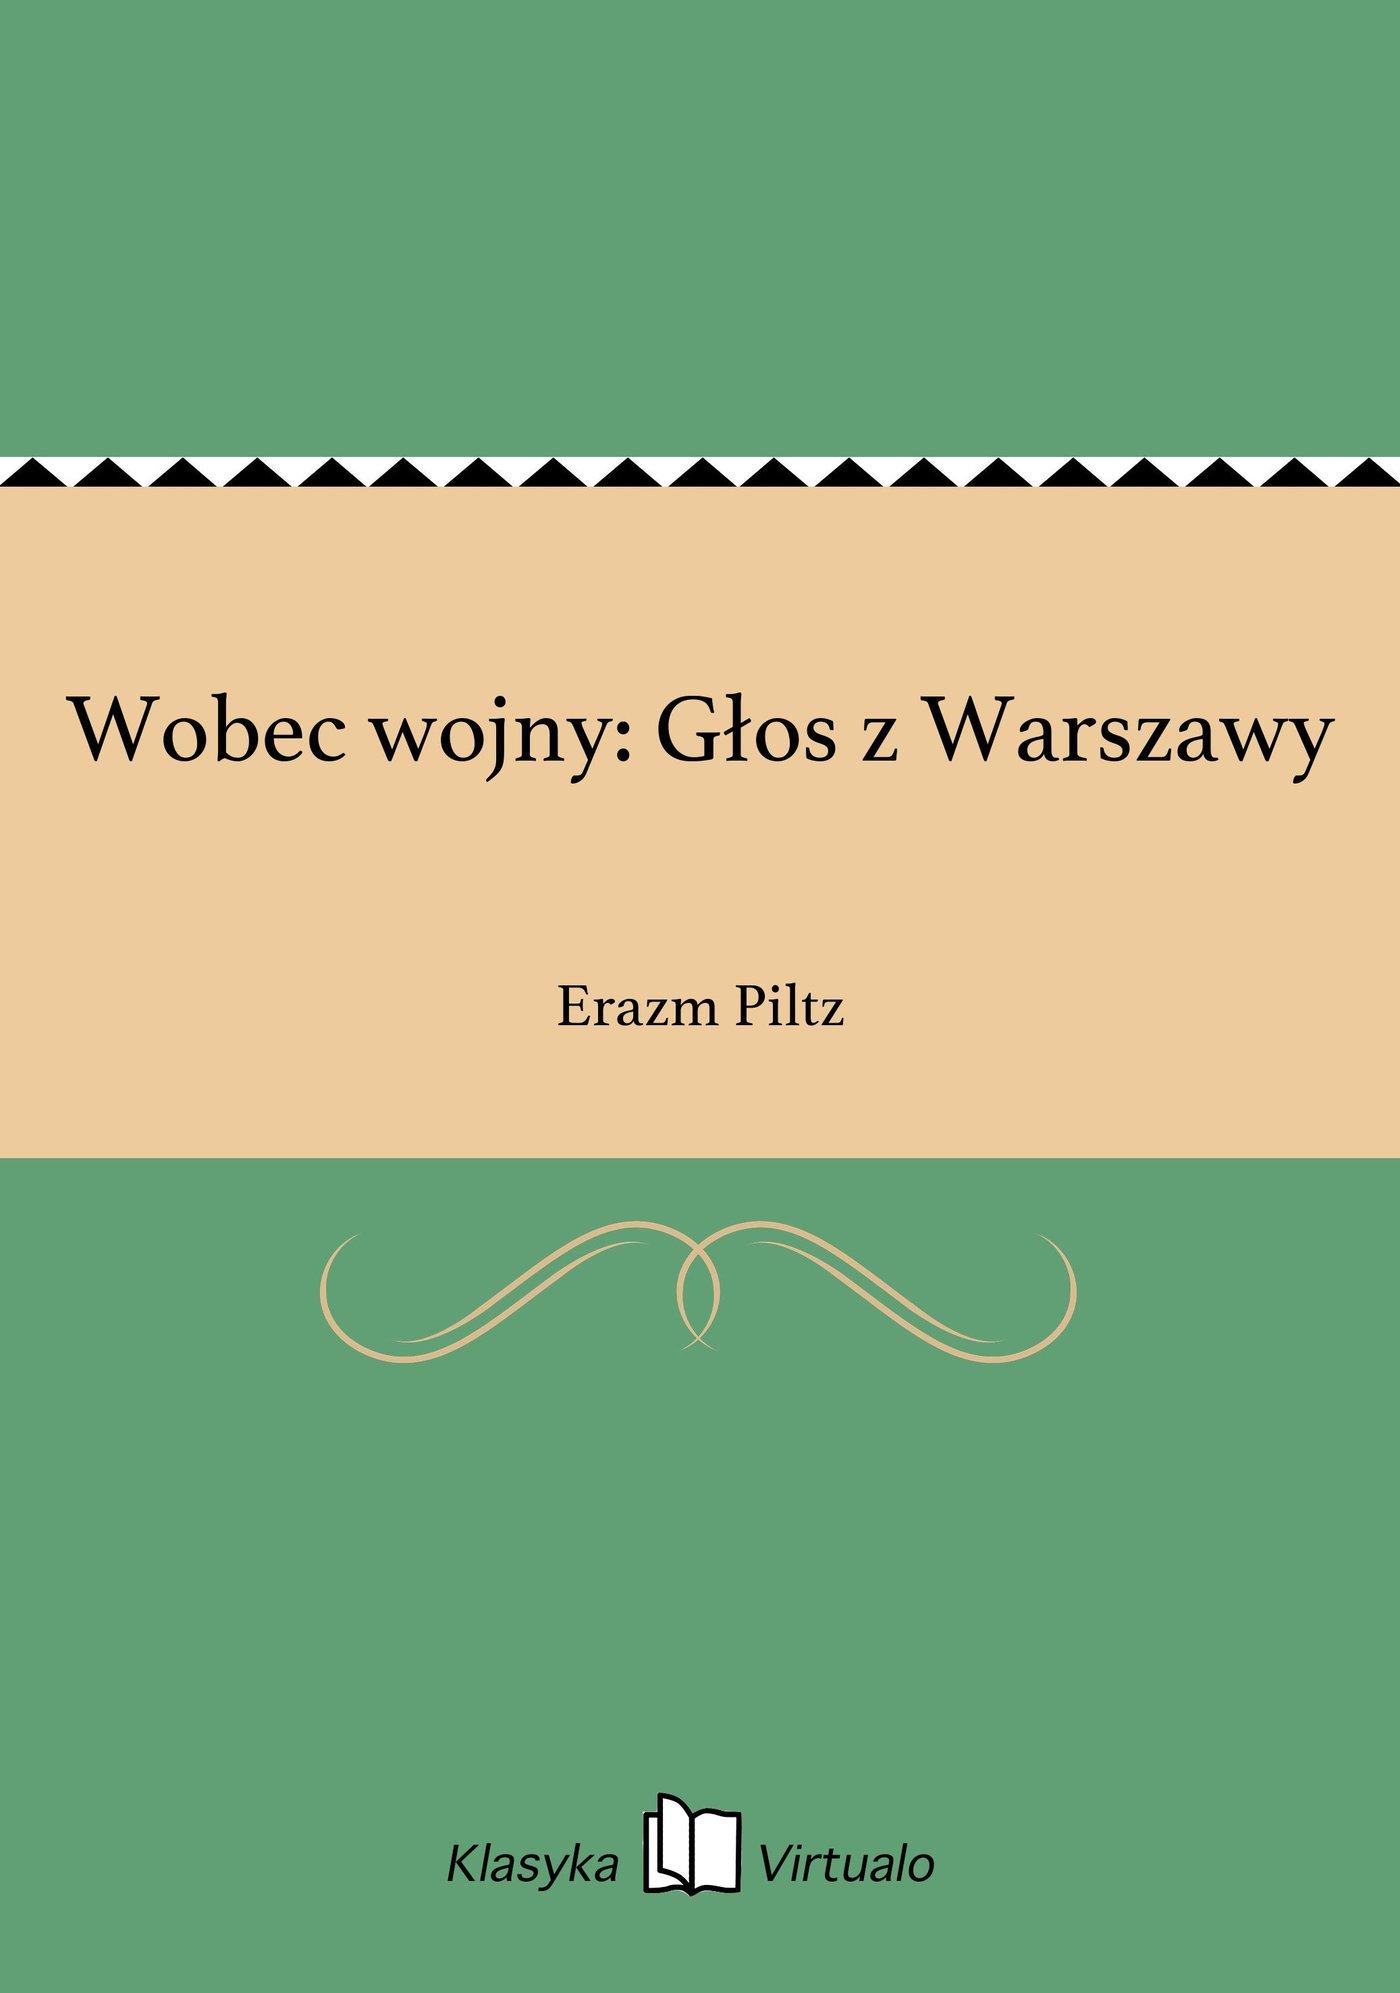 Wobec wojny: Głos z Warszawy - Ebook (Książka EPUB) do pobrania w formacie EPUB